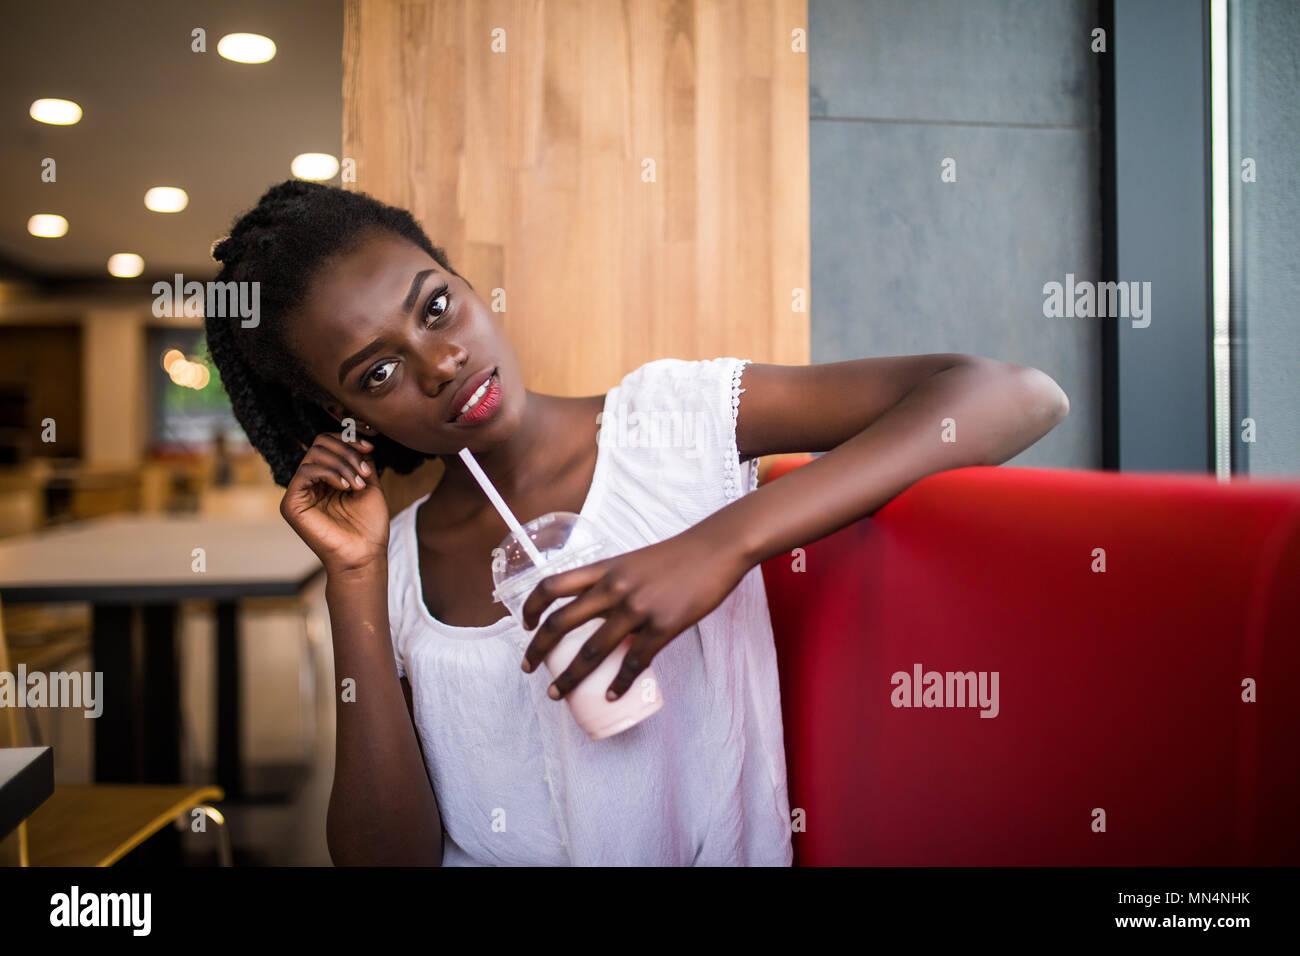 Foto von positiven dunkelhäutige Afro-amerikanische Frauen ejoys gute Erholung im Coffee Shop, Getränke trinken. Menschen, Freizeit und Essen Konzept Stockbild